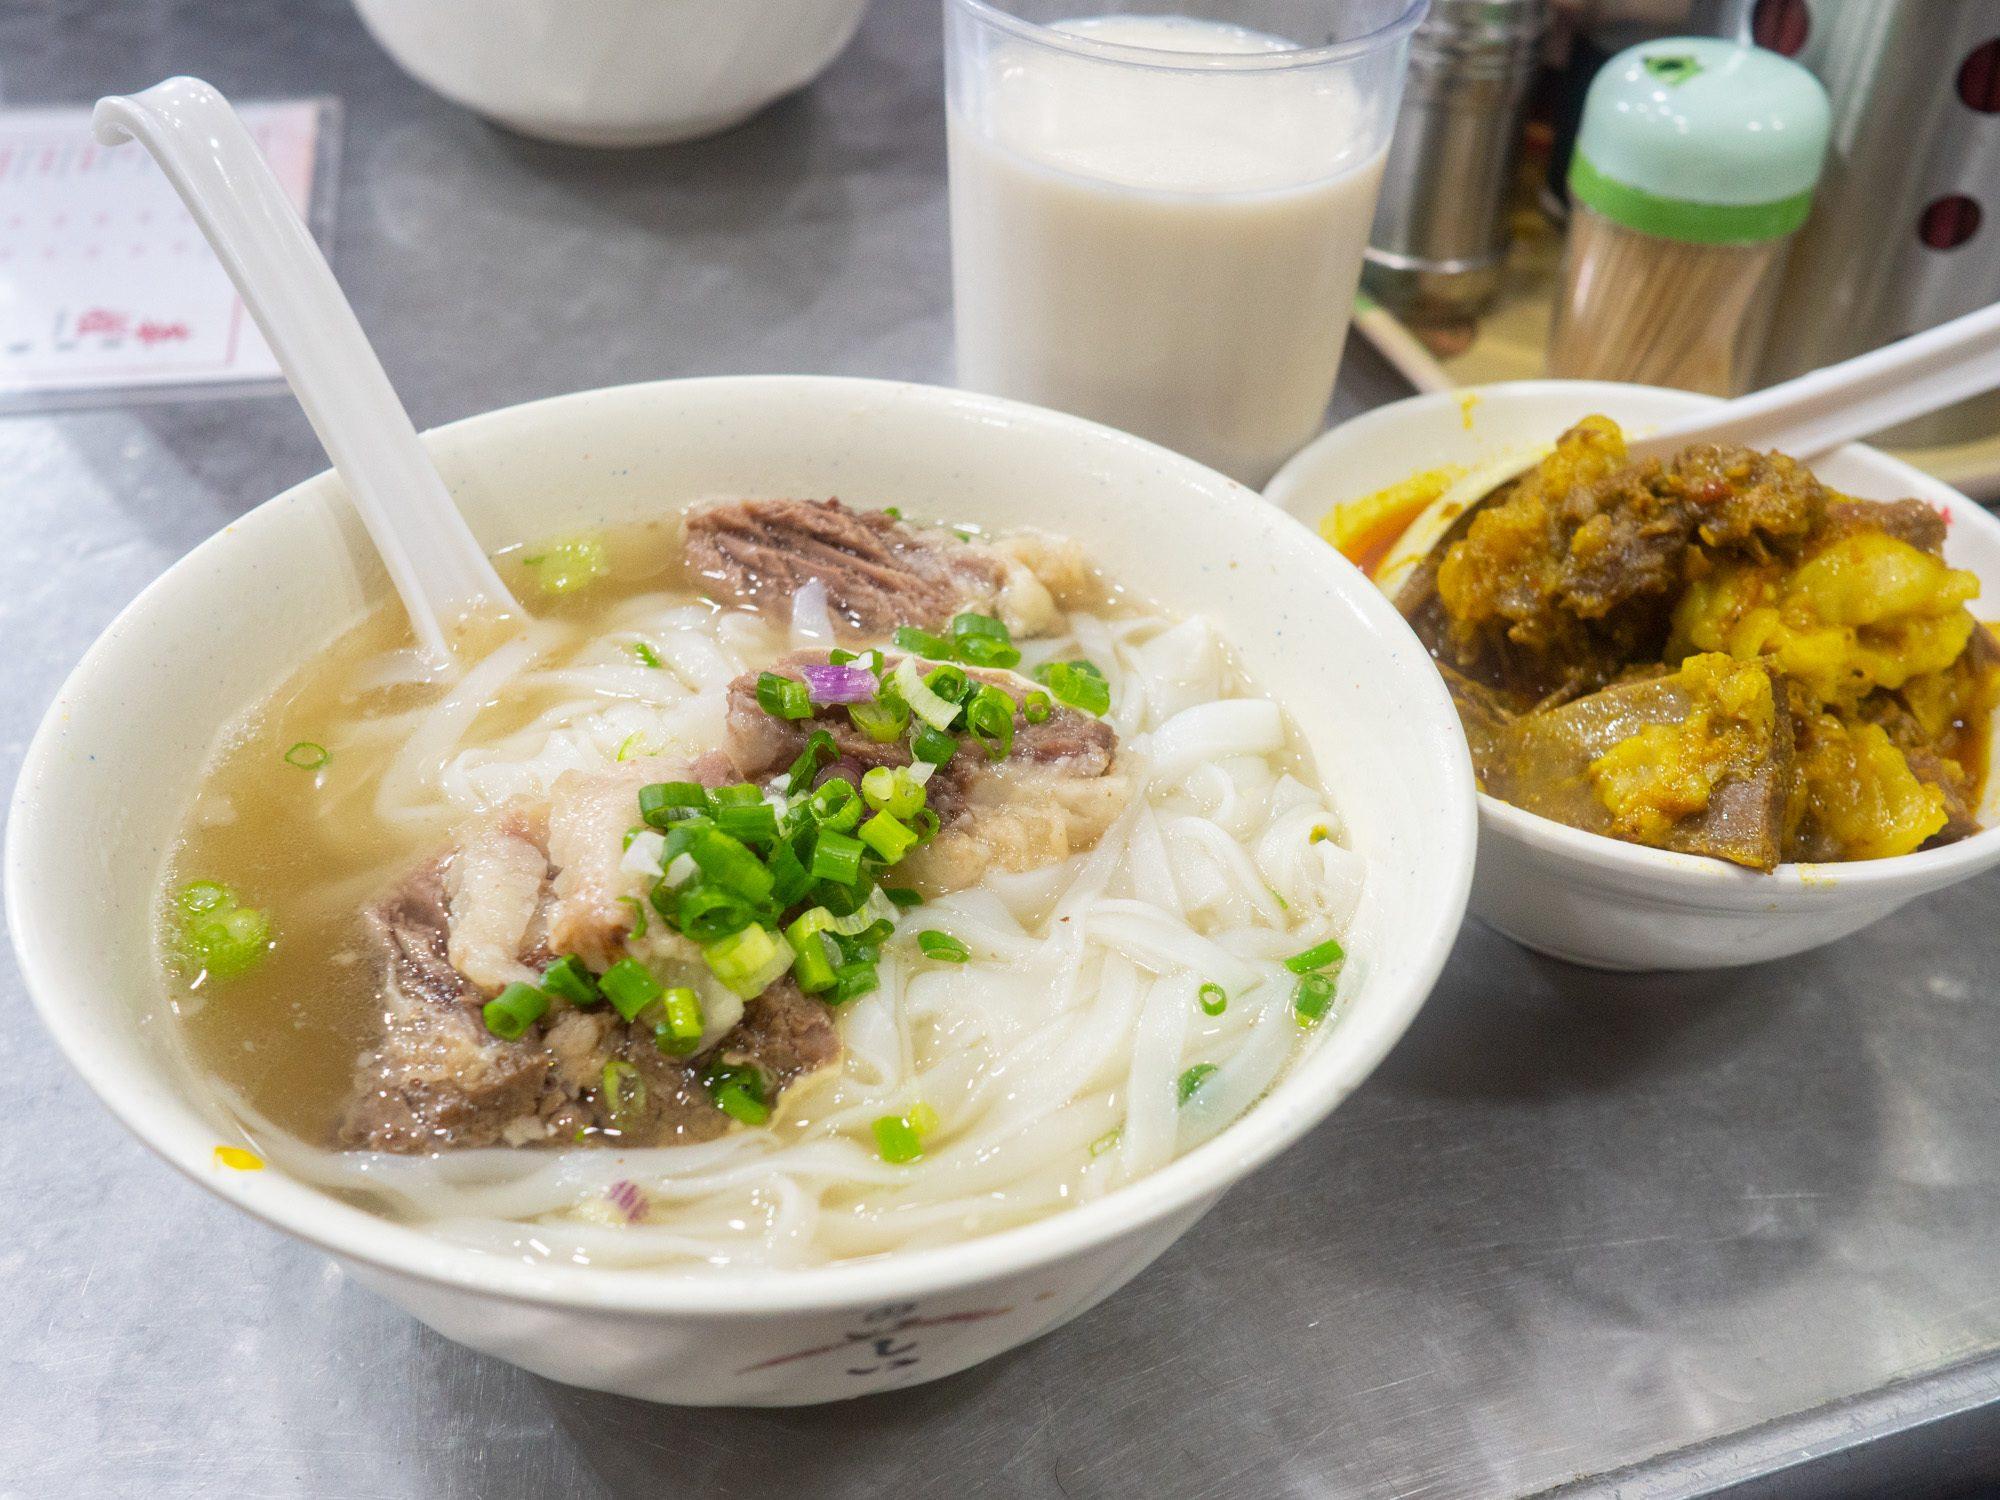 Sister wah has one of the best beef brisket noodles in Hong Kong